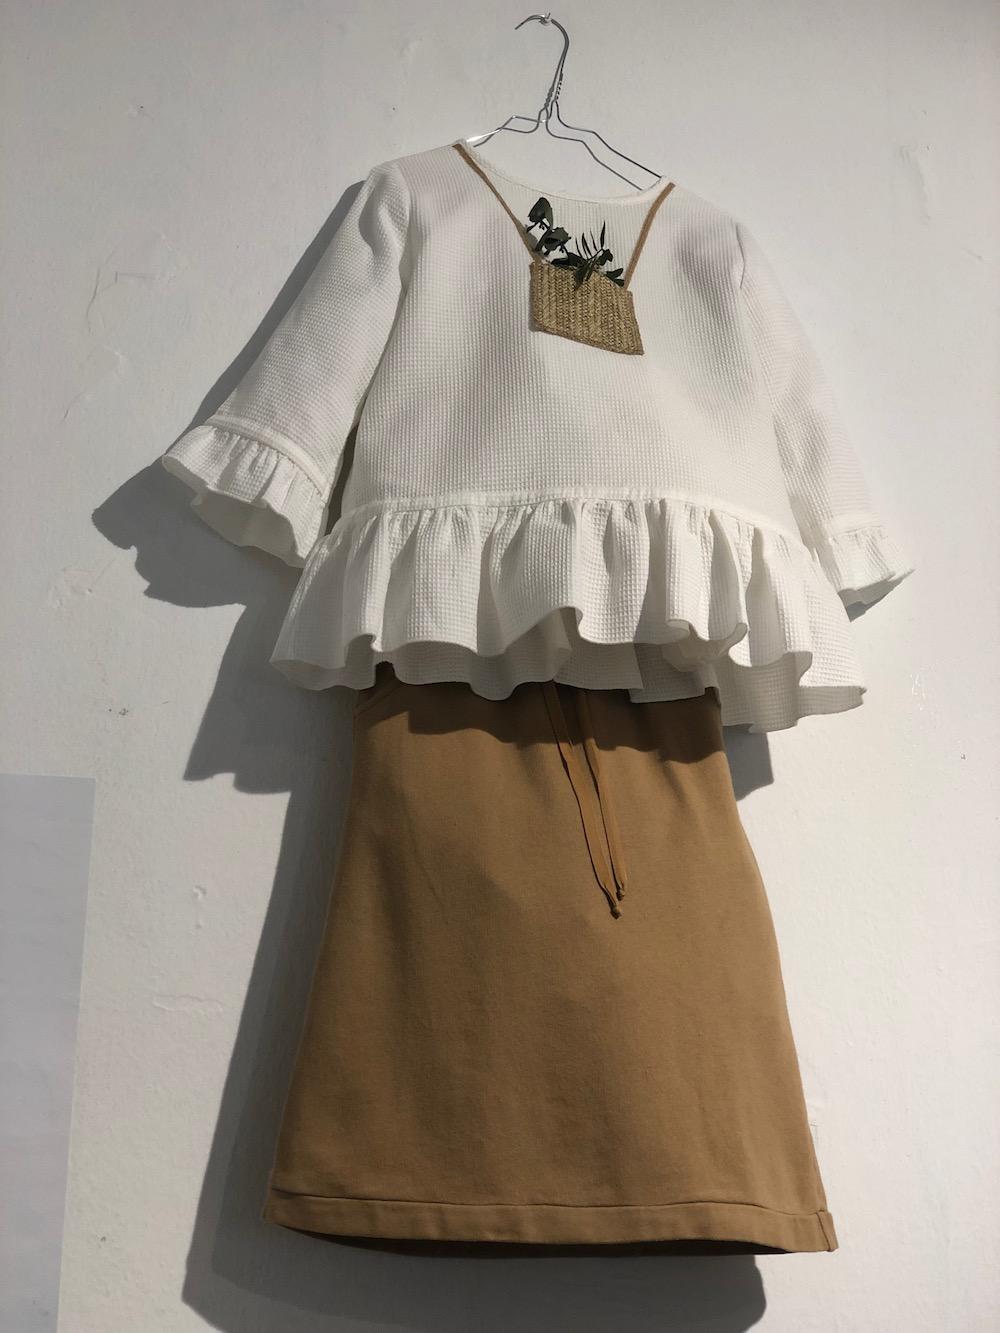 bianco-e-paglia-dettagli-outfit-bimba